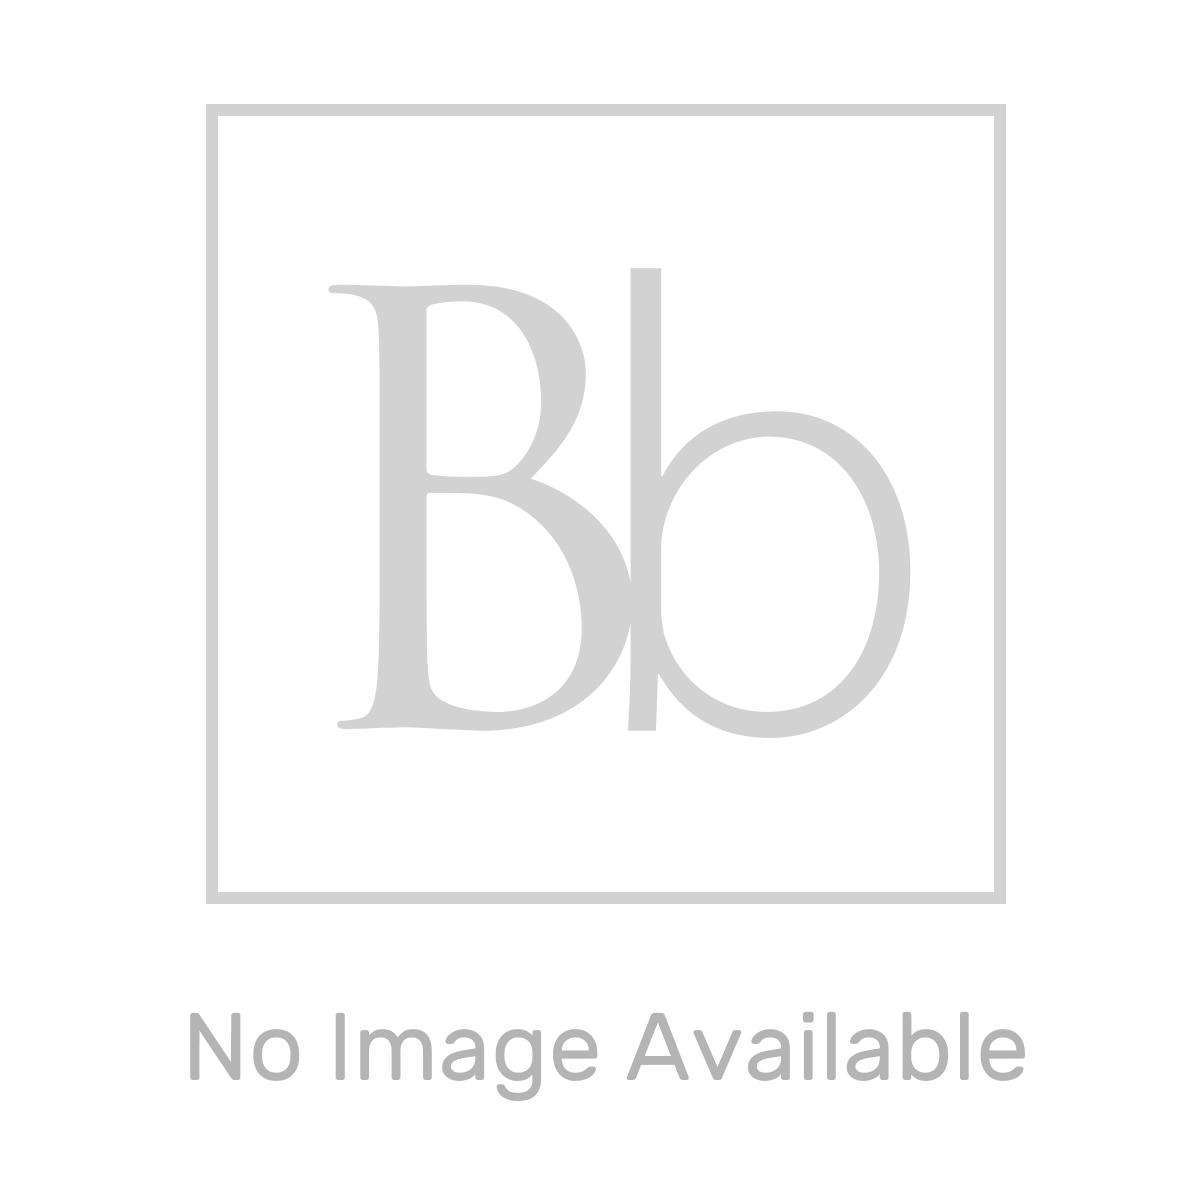 RAK Tonique Bathroom Suite with Brearton Freestanding Bath